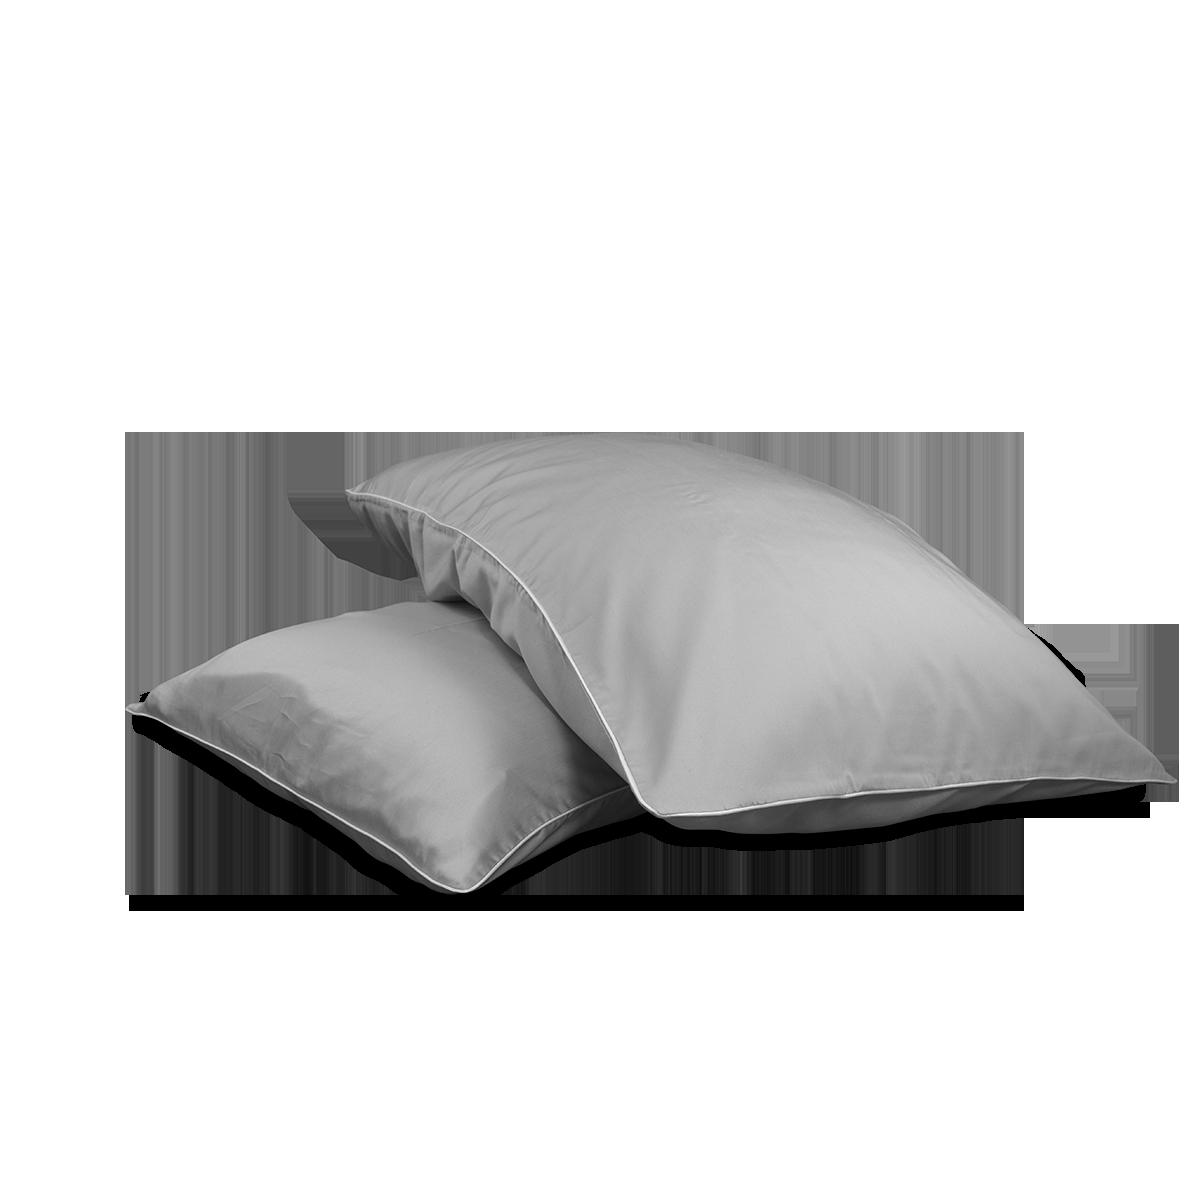 HEY ORIGINAL - Pillowcases